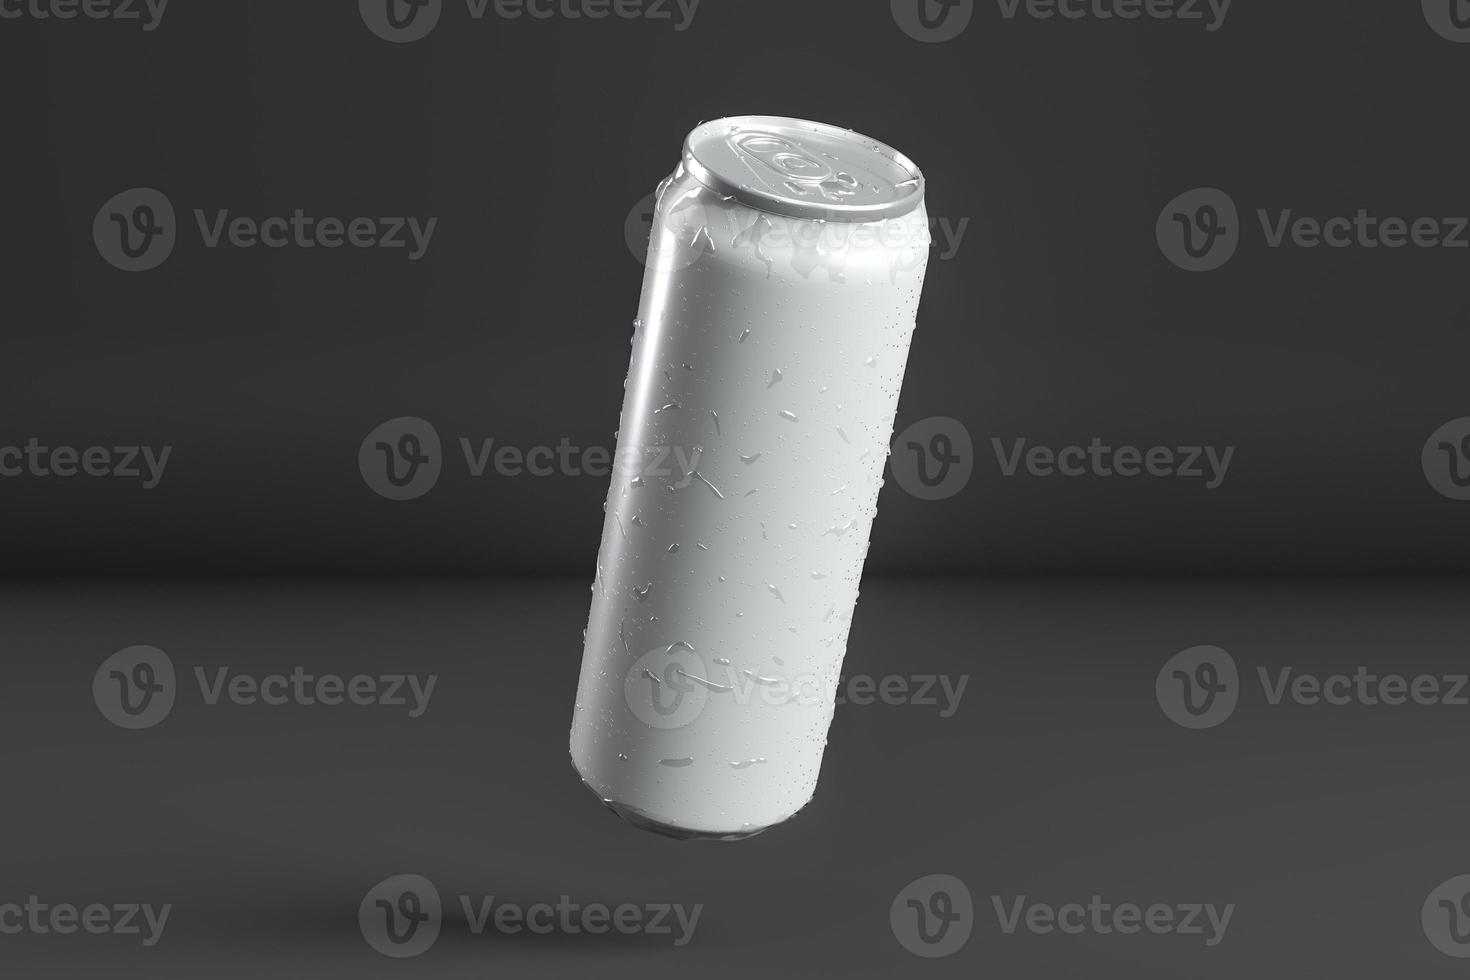 presentation av aluminiumburk. upplösning och vackert foto av hög kvalitet